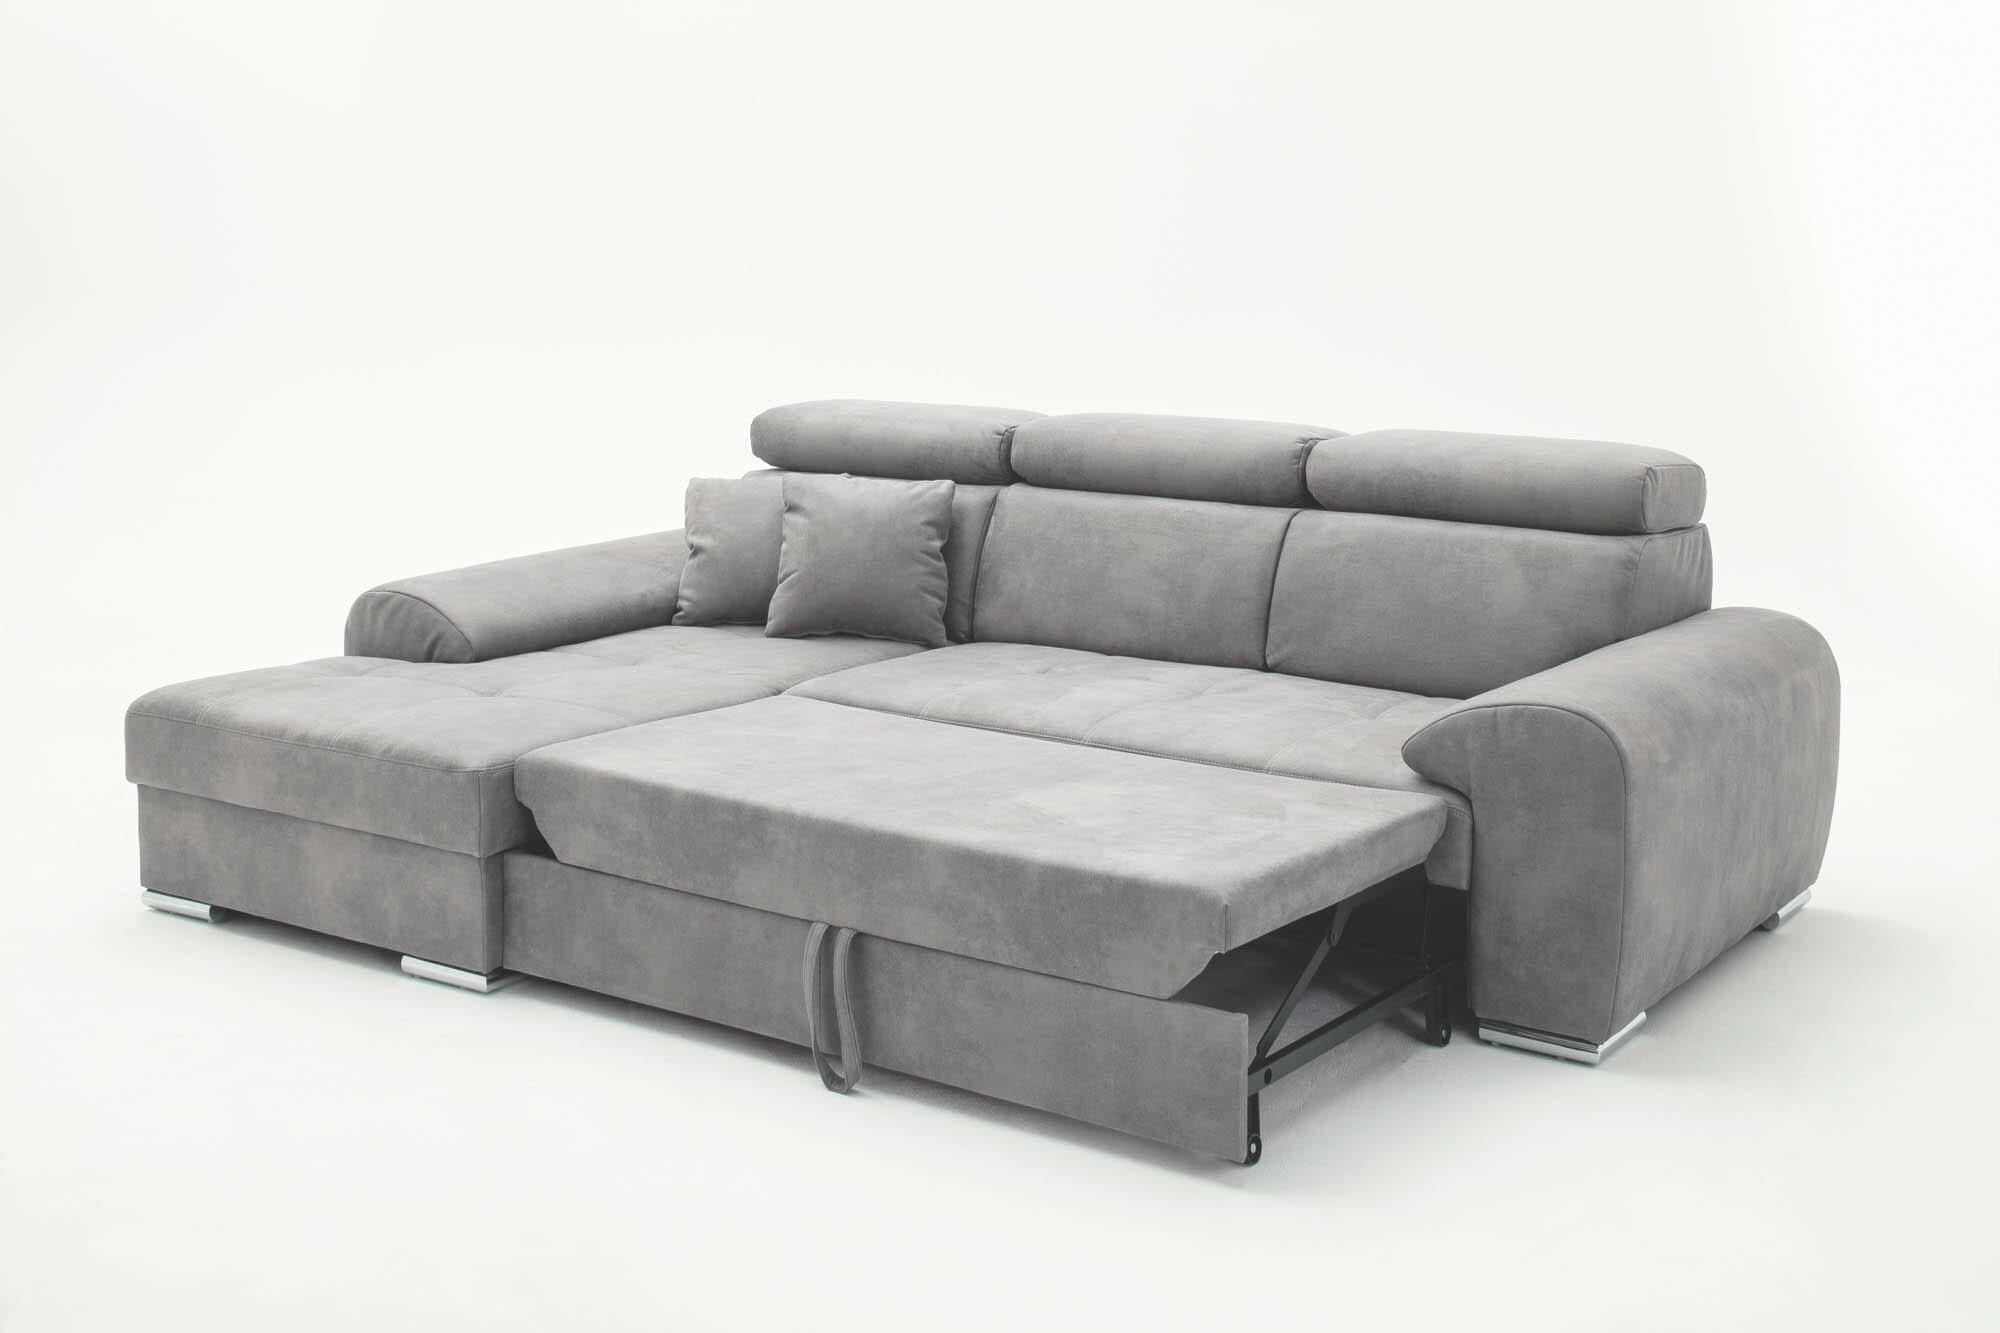 Wohnaktiv - Wohnideen zum Mitnehmen | Möbelschau-Einrichtungsgruppe